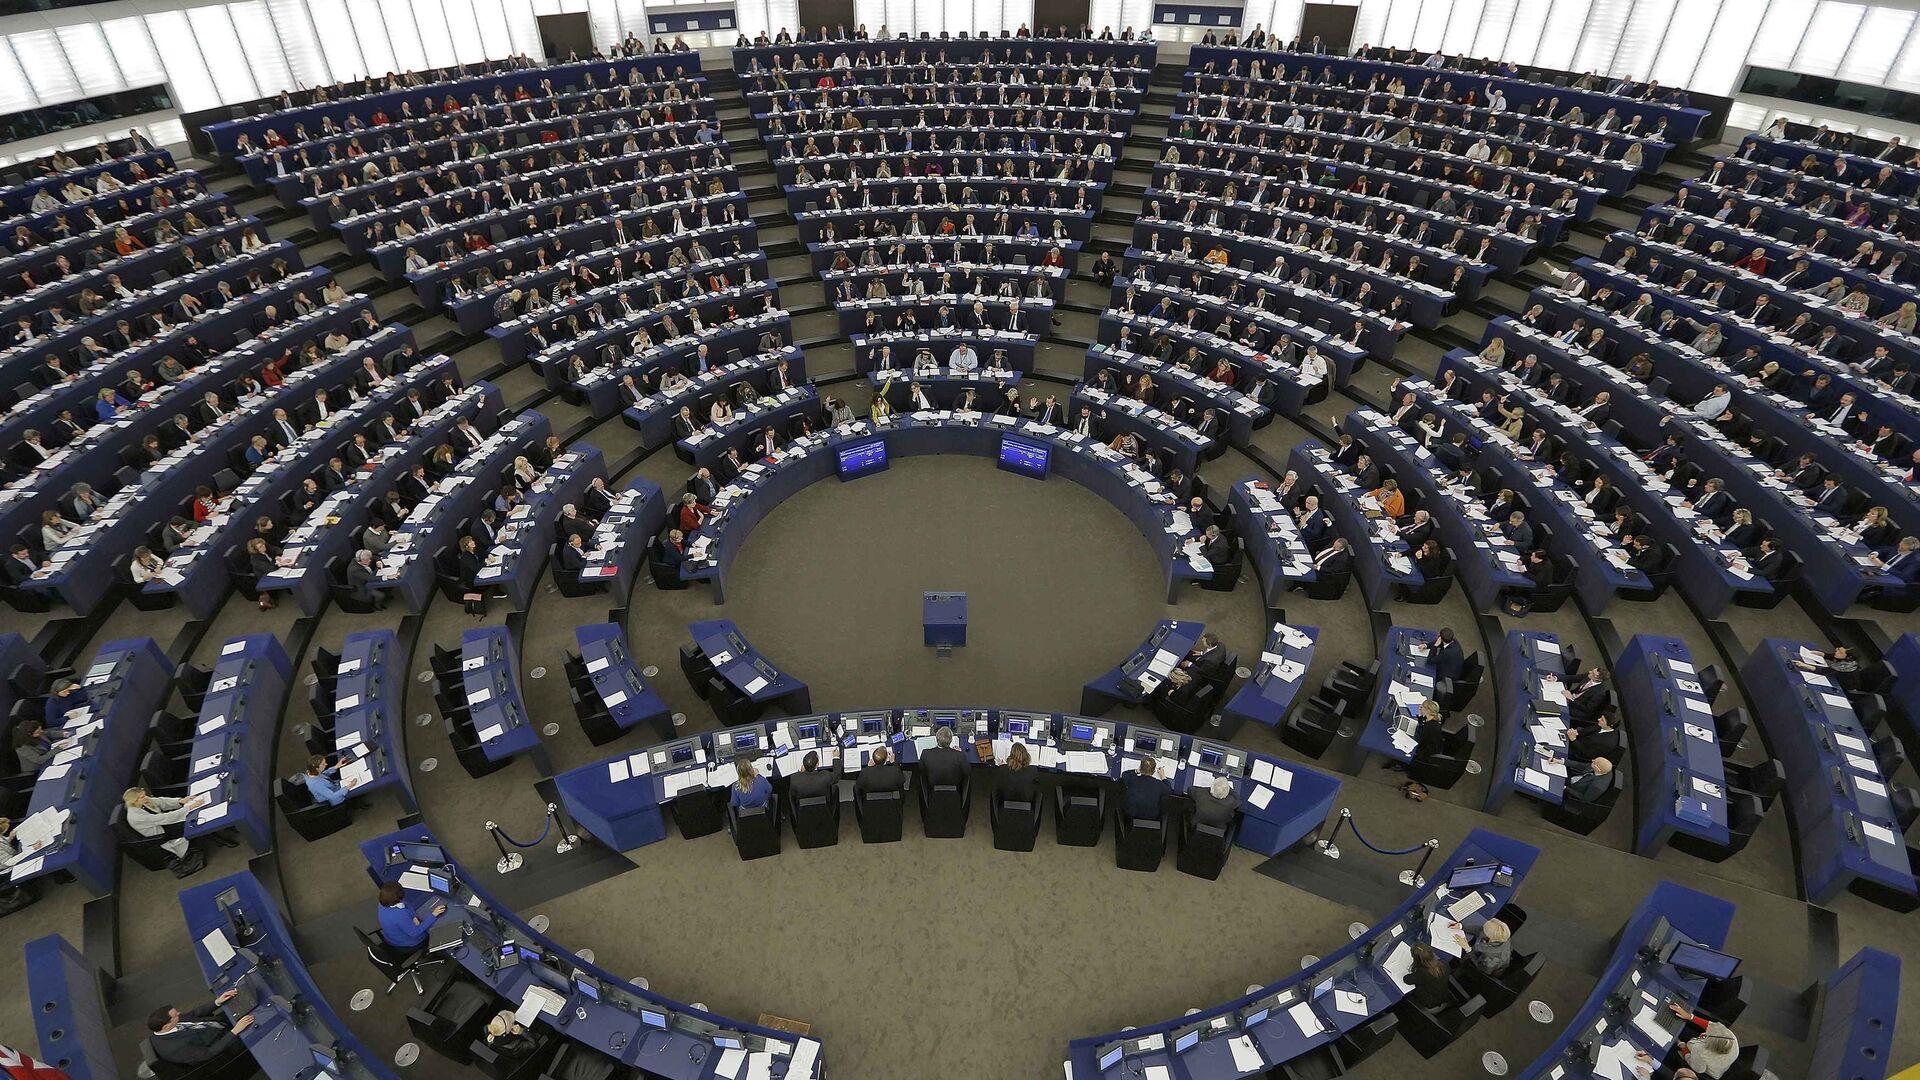 Parlamento Europeo en sesión - Sputnik Mundo, 1920, 09.06.2021